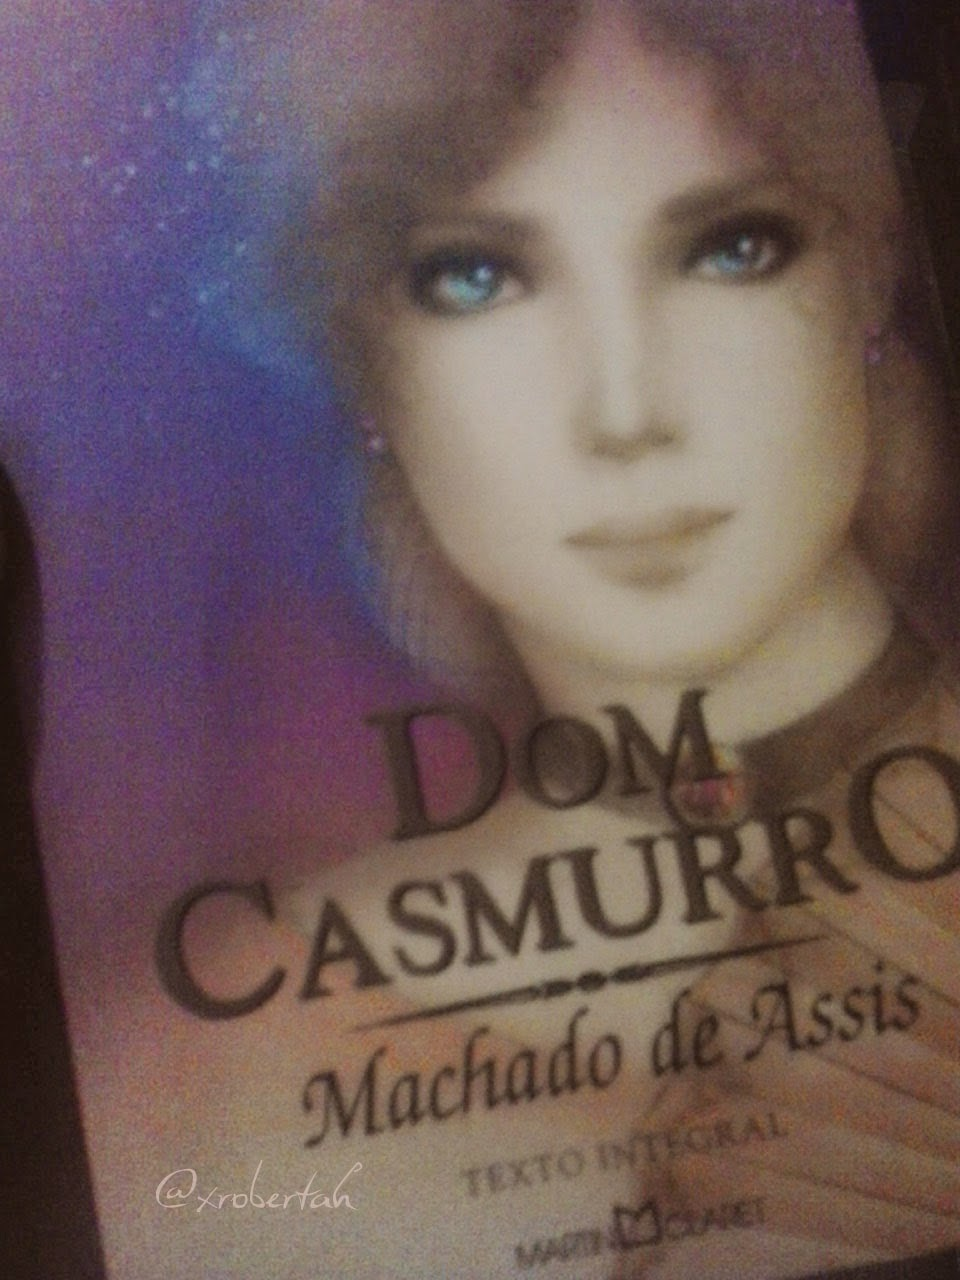 Postagem do livro Dom Casmurro